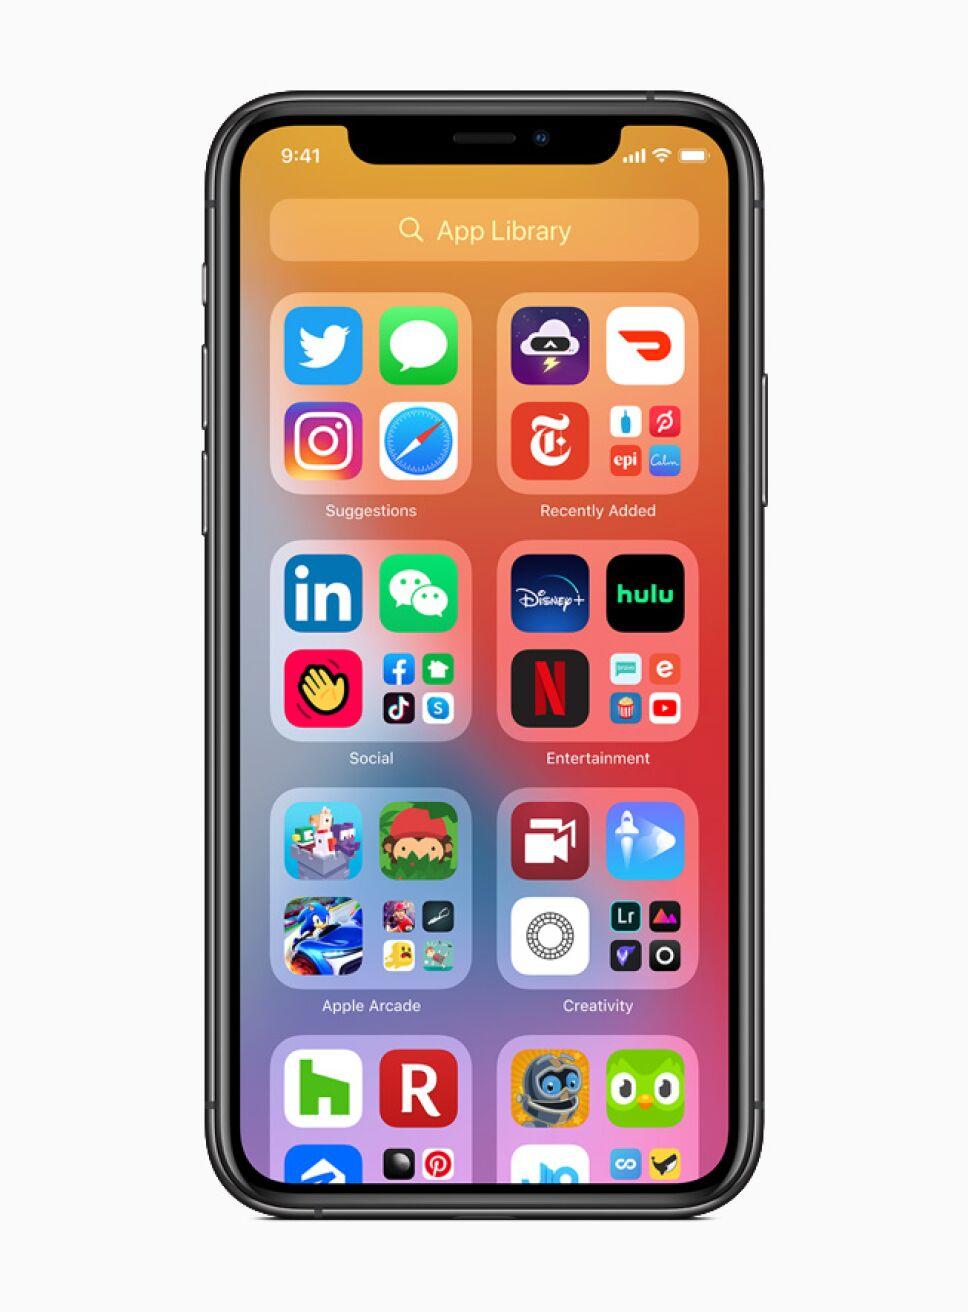 Apple_ios14-app-library-screen_06222020_inline.jpg.large.jpg